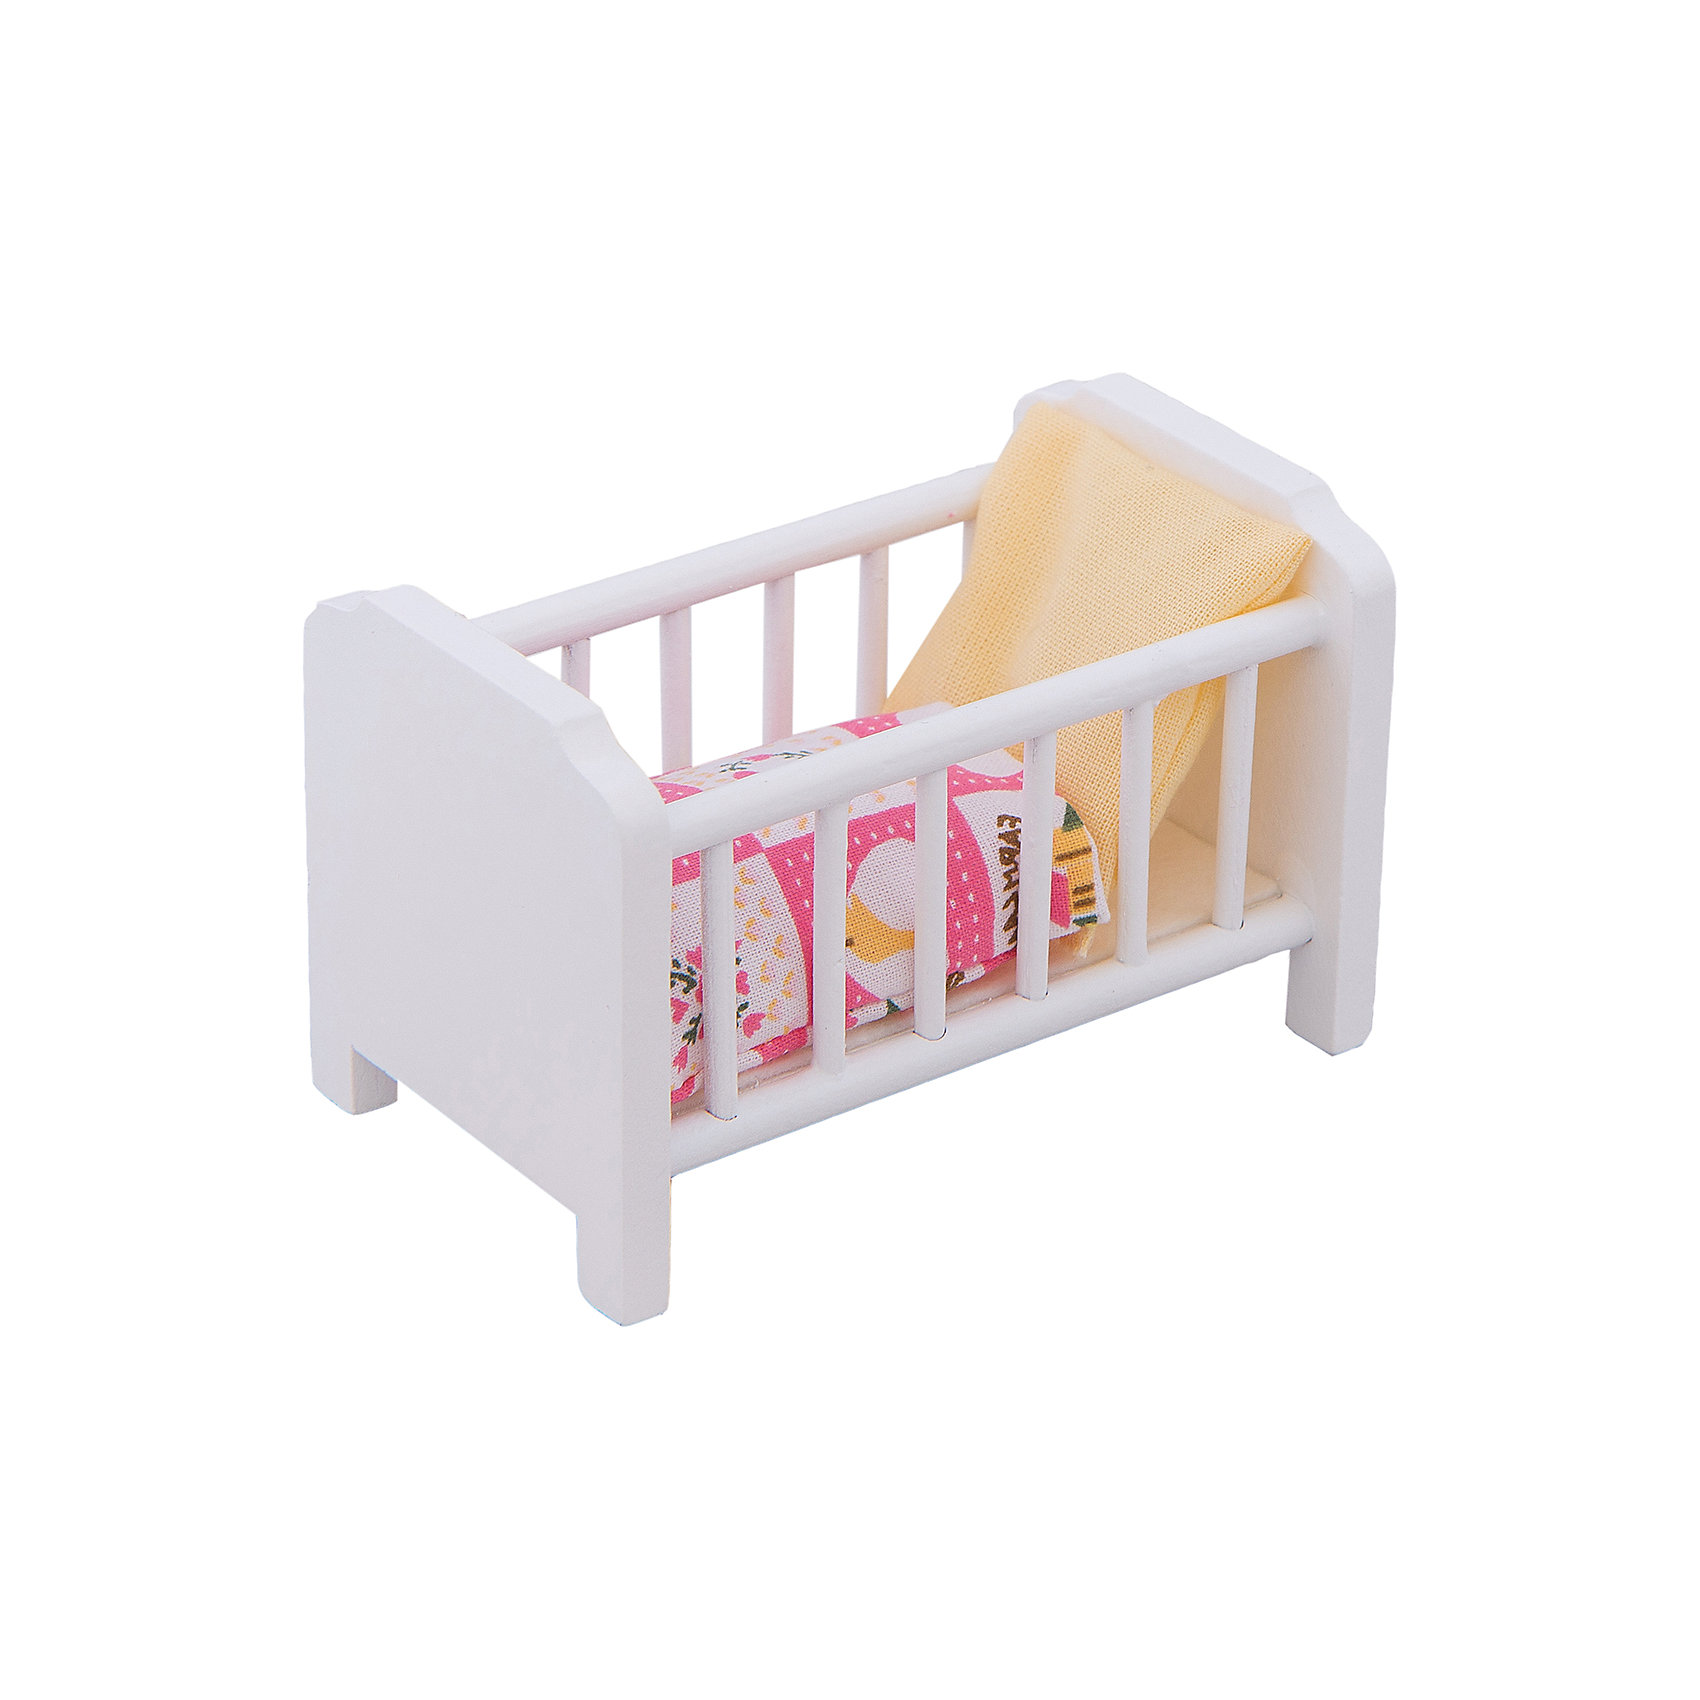 Кровать  с аксессуарами (белая) для мини-кукол